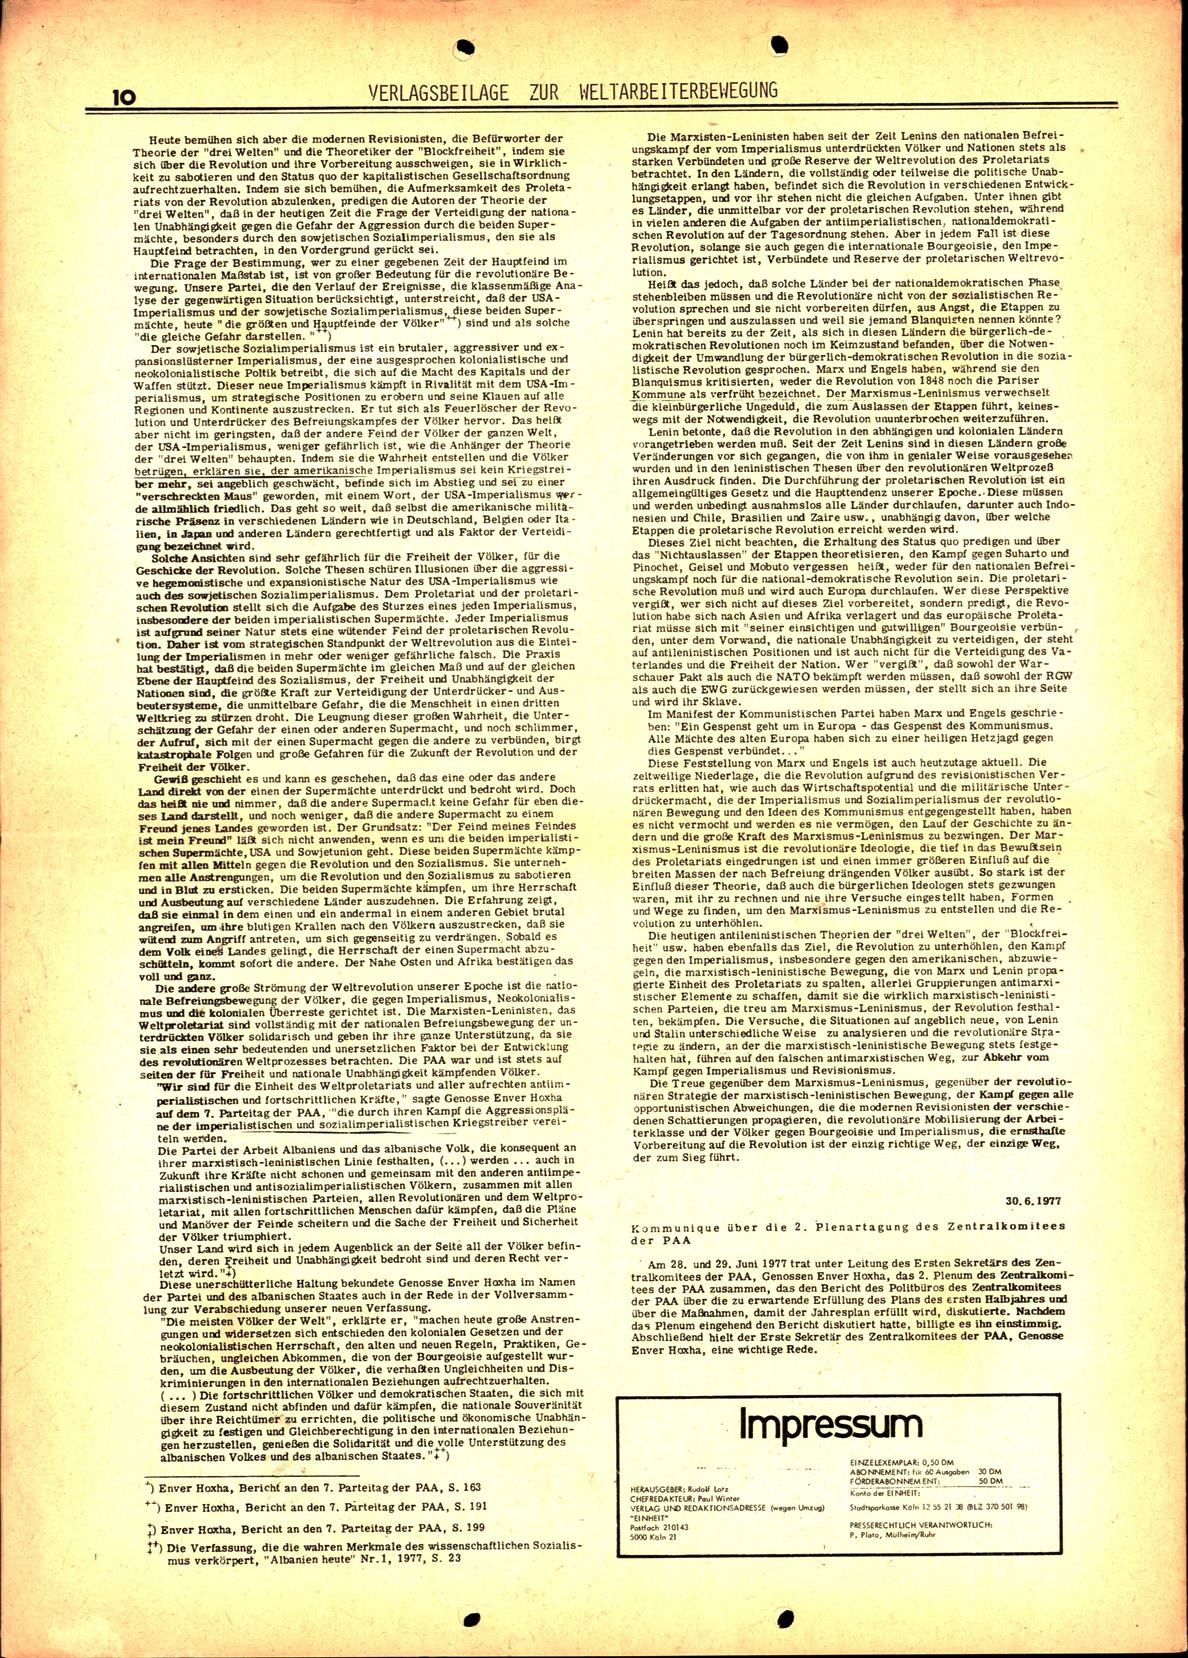 Koeln_IPdA_Einheit_1977_017_028